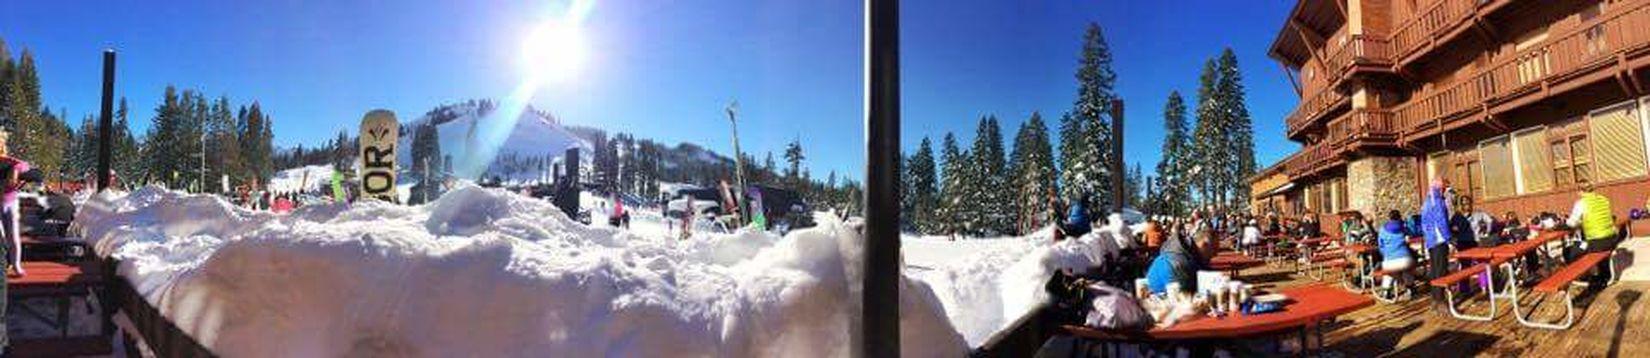 Panoramic Sugarbowl Snow ❄ Snowboarding Friends Hey :)